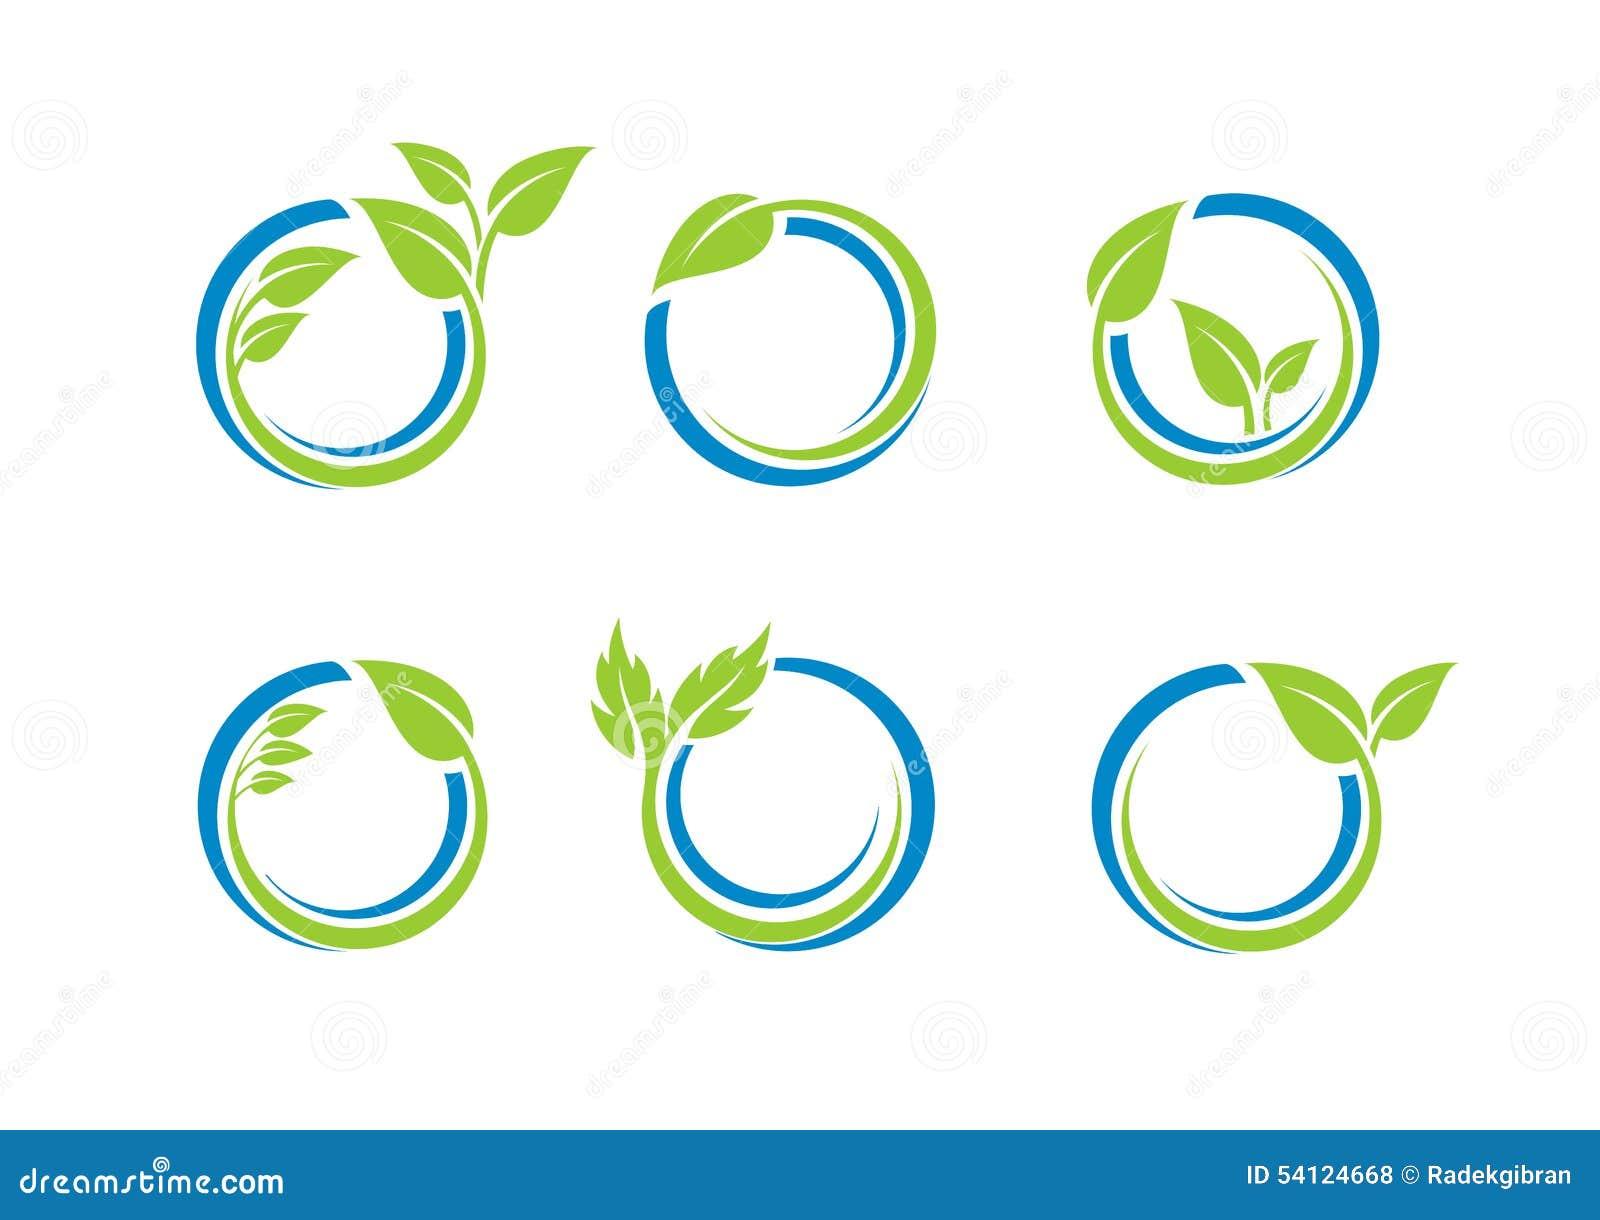 El círculo sale del logotipo de la ecología, sistema de la esfera del agua de la planta del diseño redondo del vector del símbolo